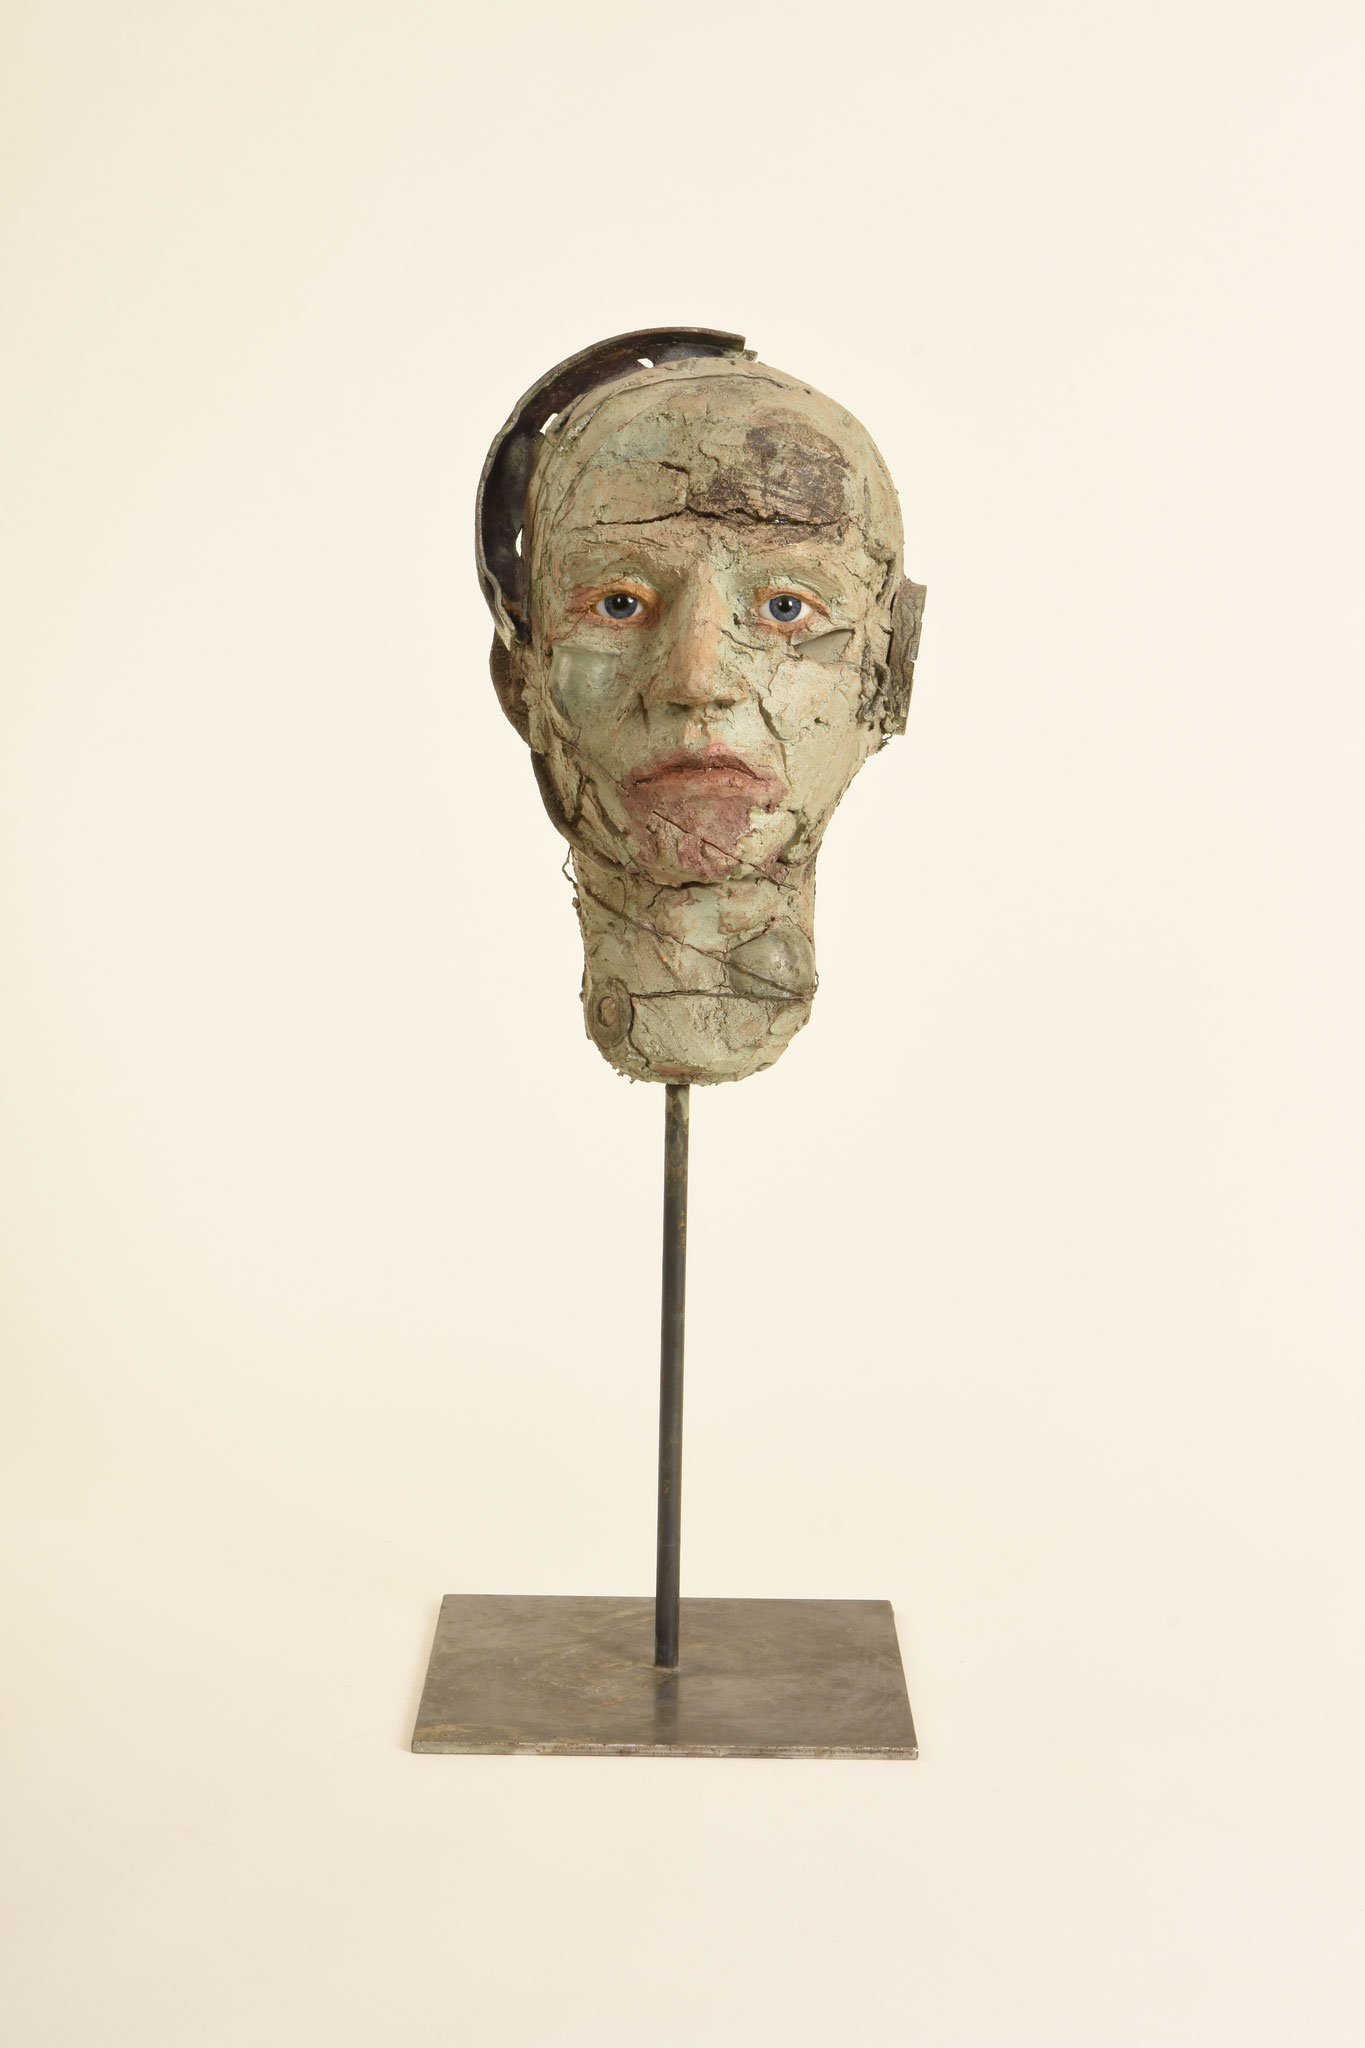 7  |Kopf   2012  Ton, Metall, Glasaugen, glasierte Keramik   58cm